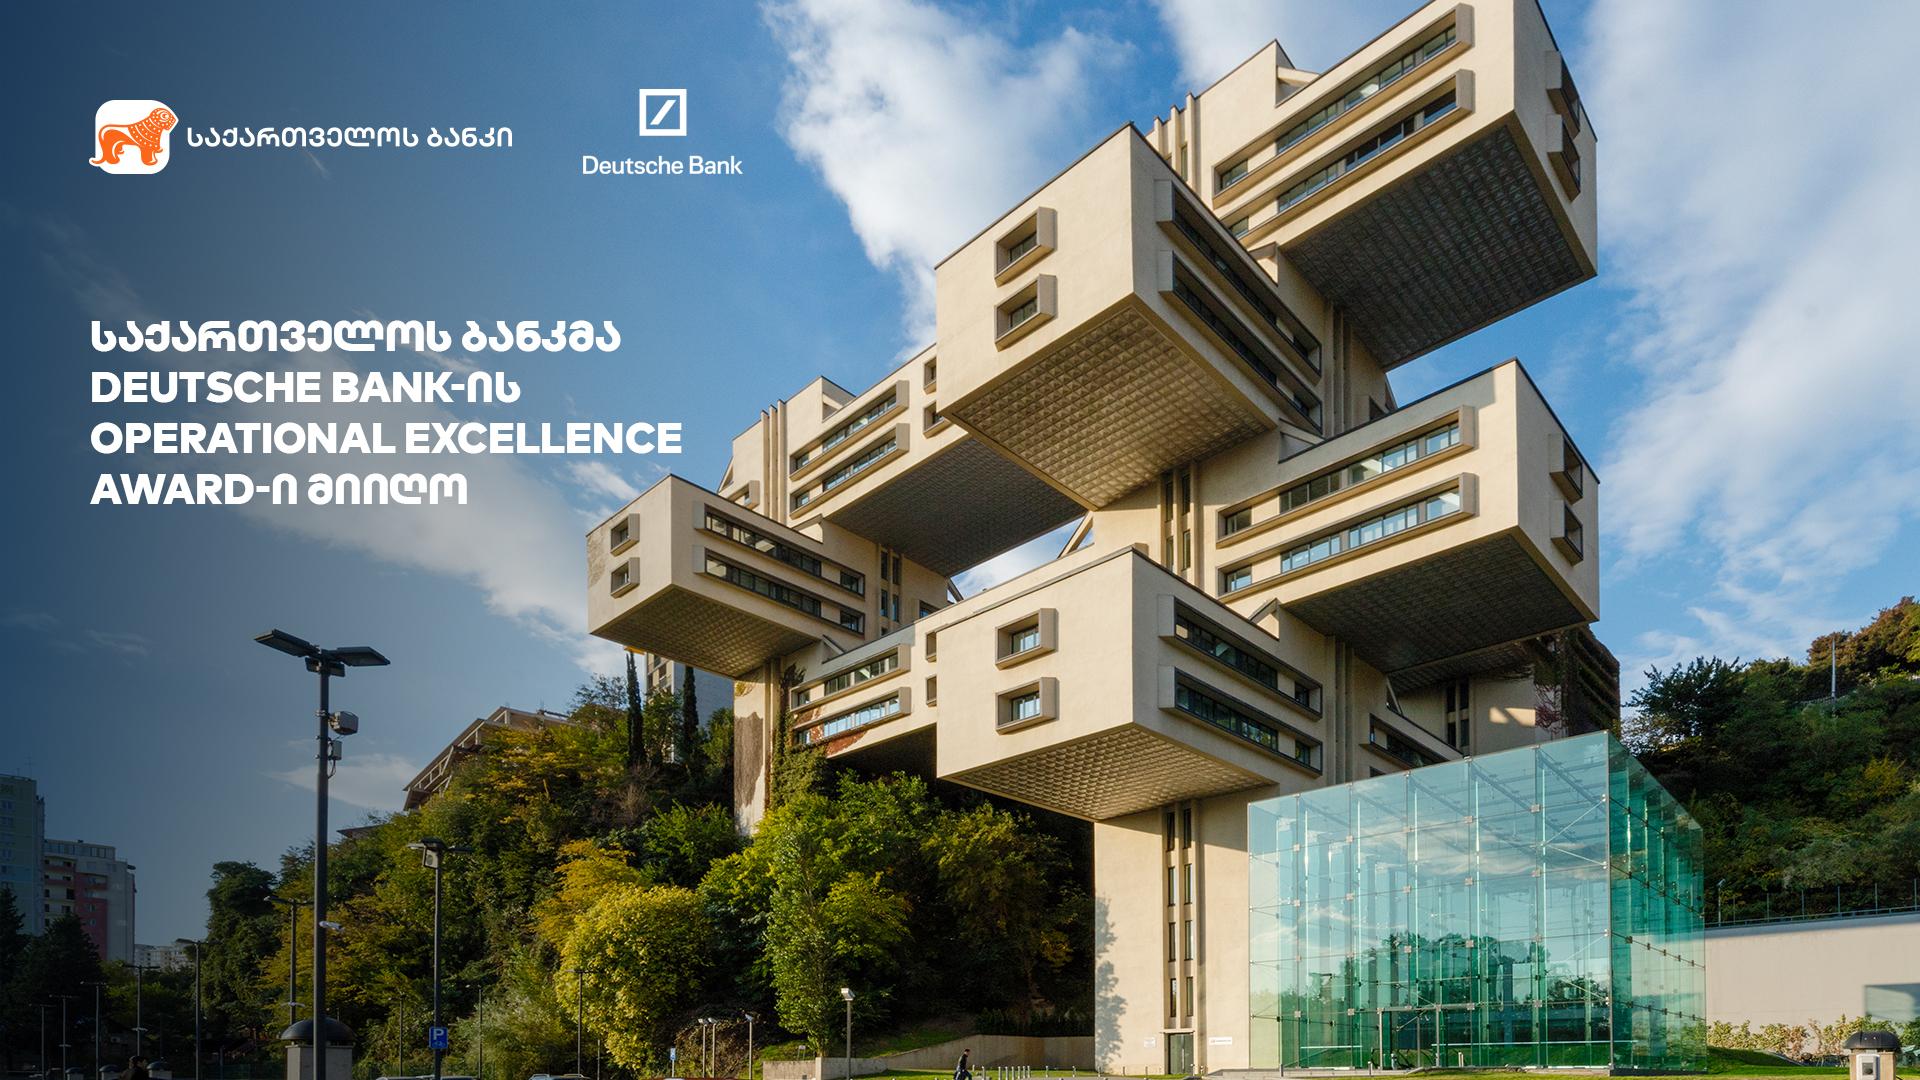 საქართველოს ბანკმა Deutsche Bank-ისგან Operational Excellence Award-ი მიიღო